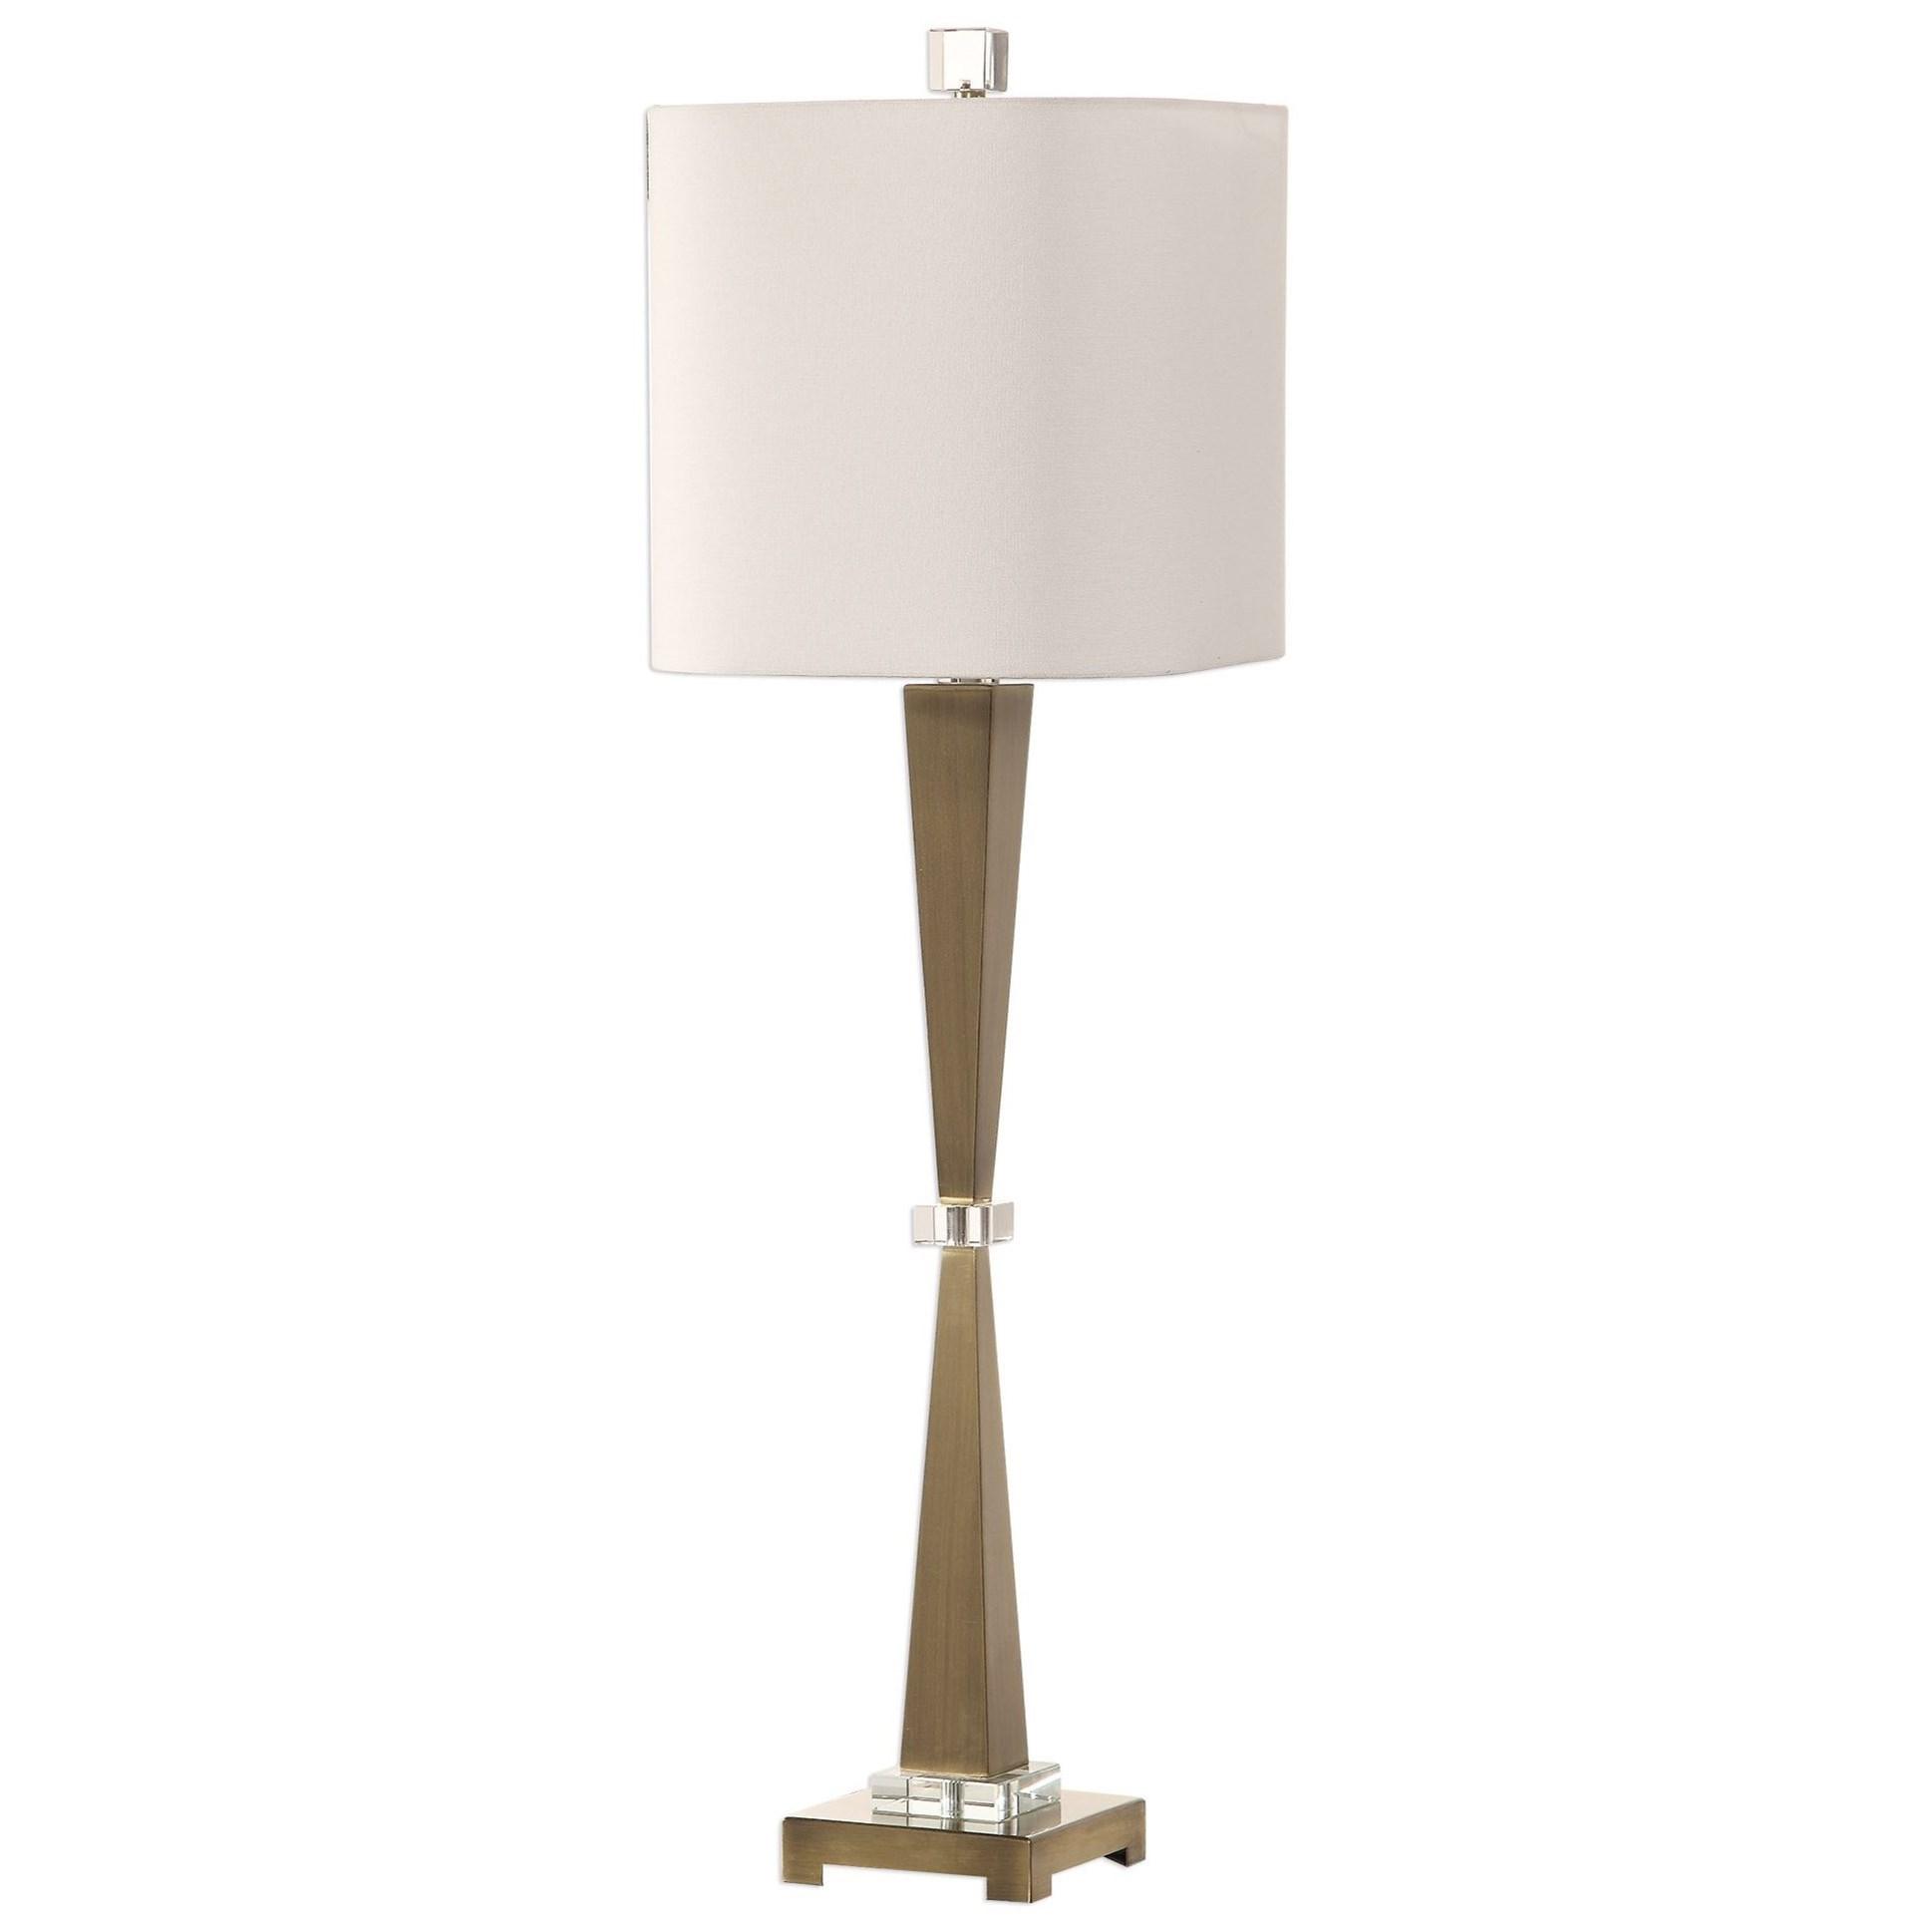 Niccolai Antiqued Nickel Lamp